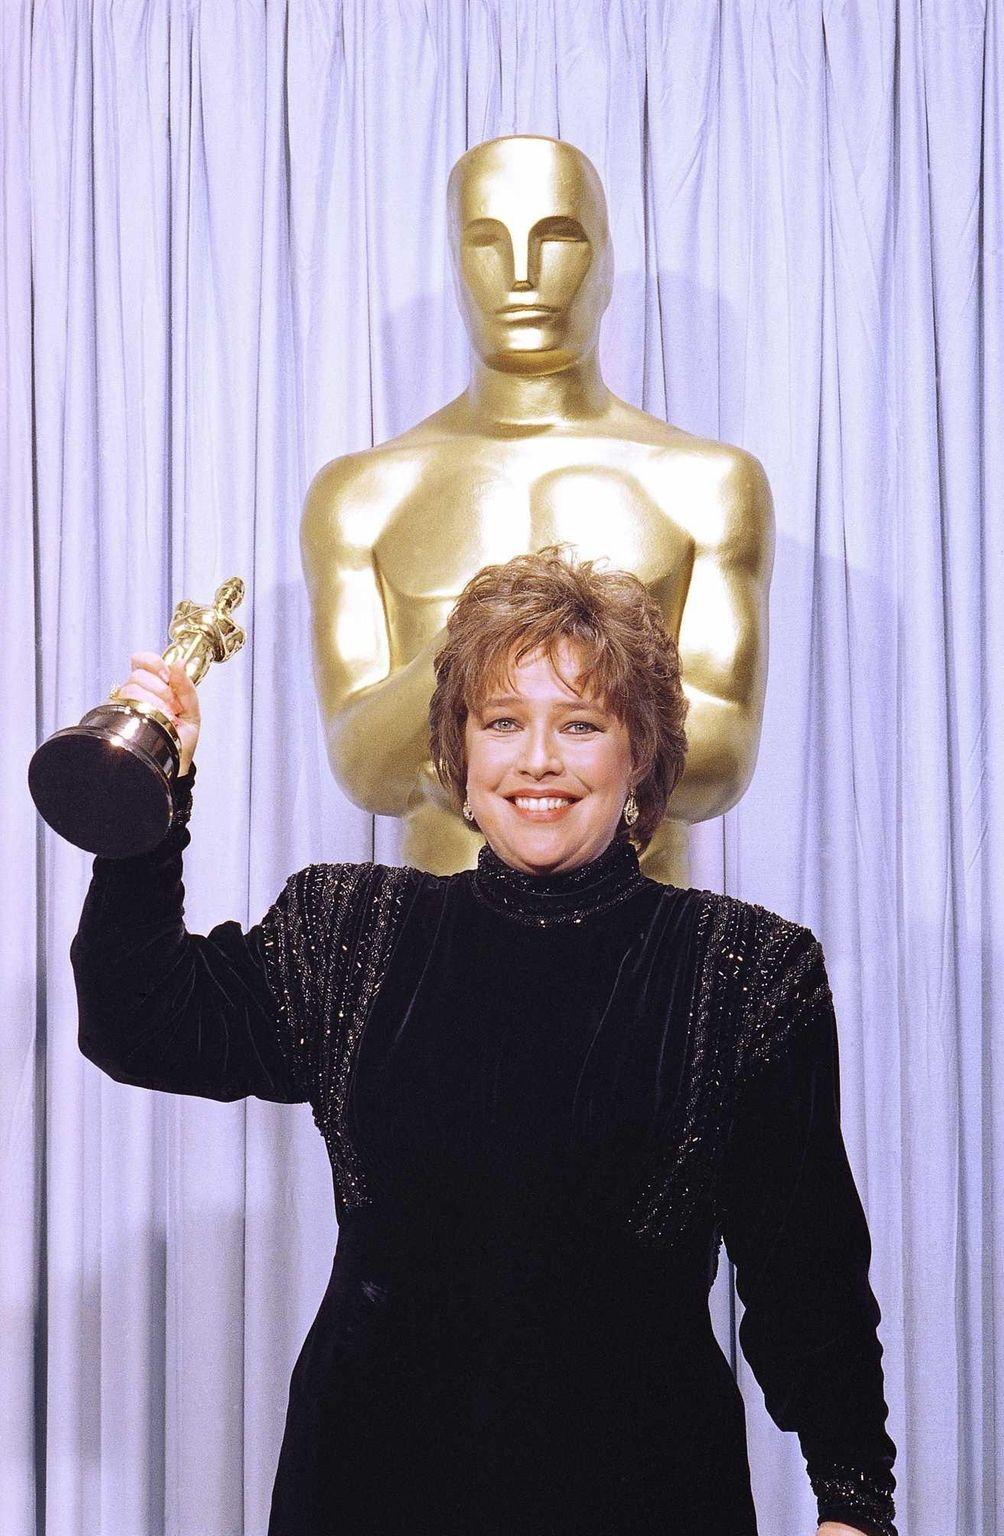 1990 - Kathy Bates - Misery Kathy Bates